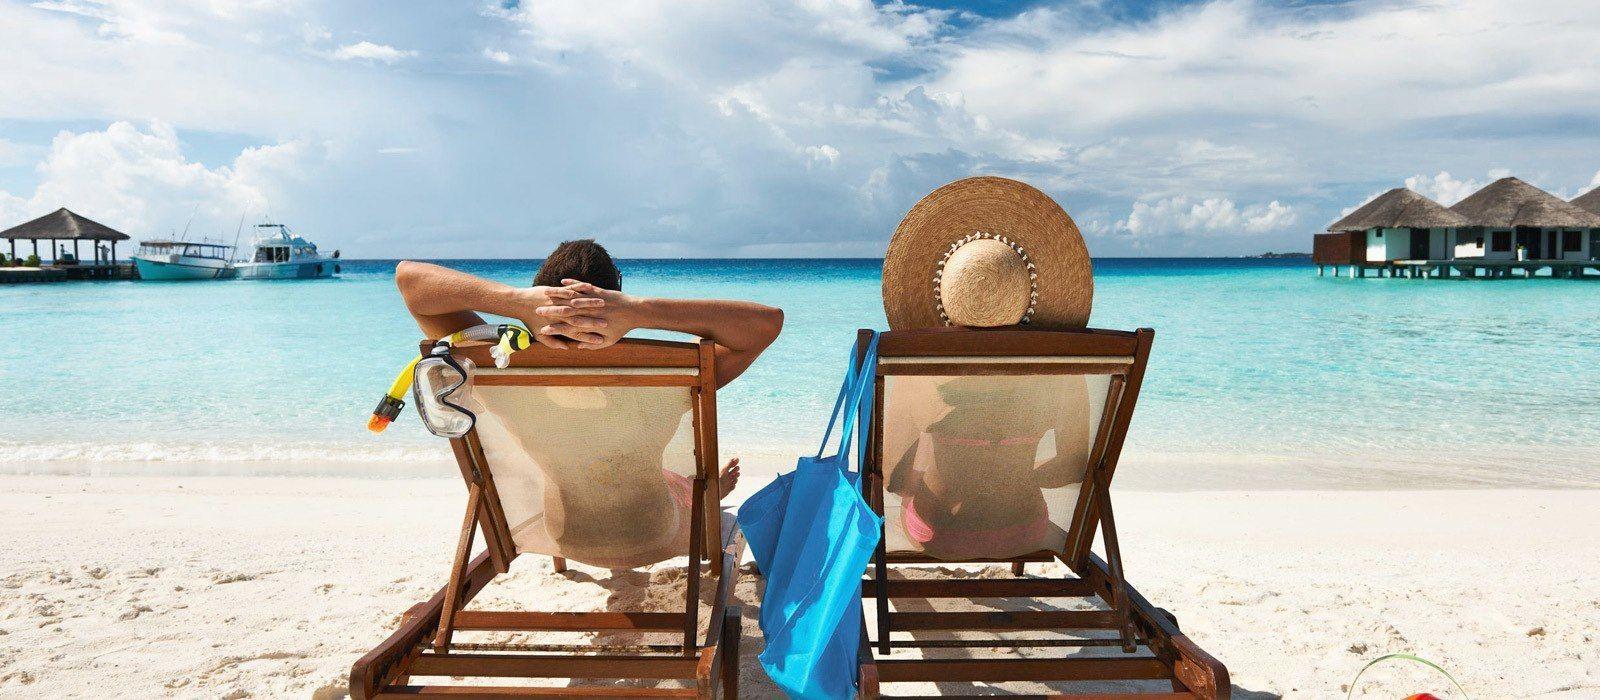 Indien & Malediven: Romantisch & Luxuriös Urlaub 6